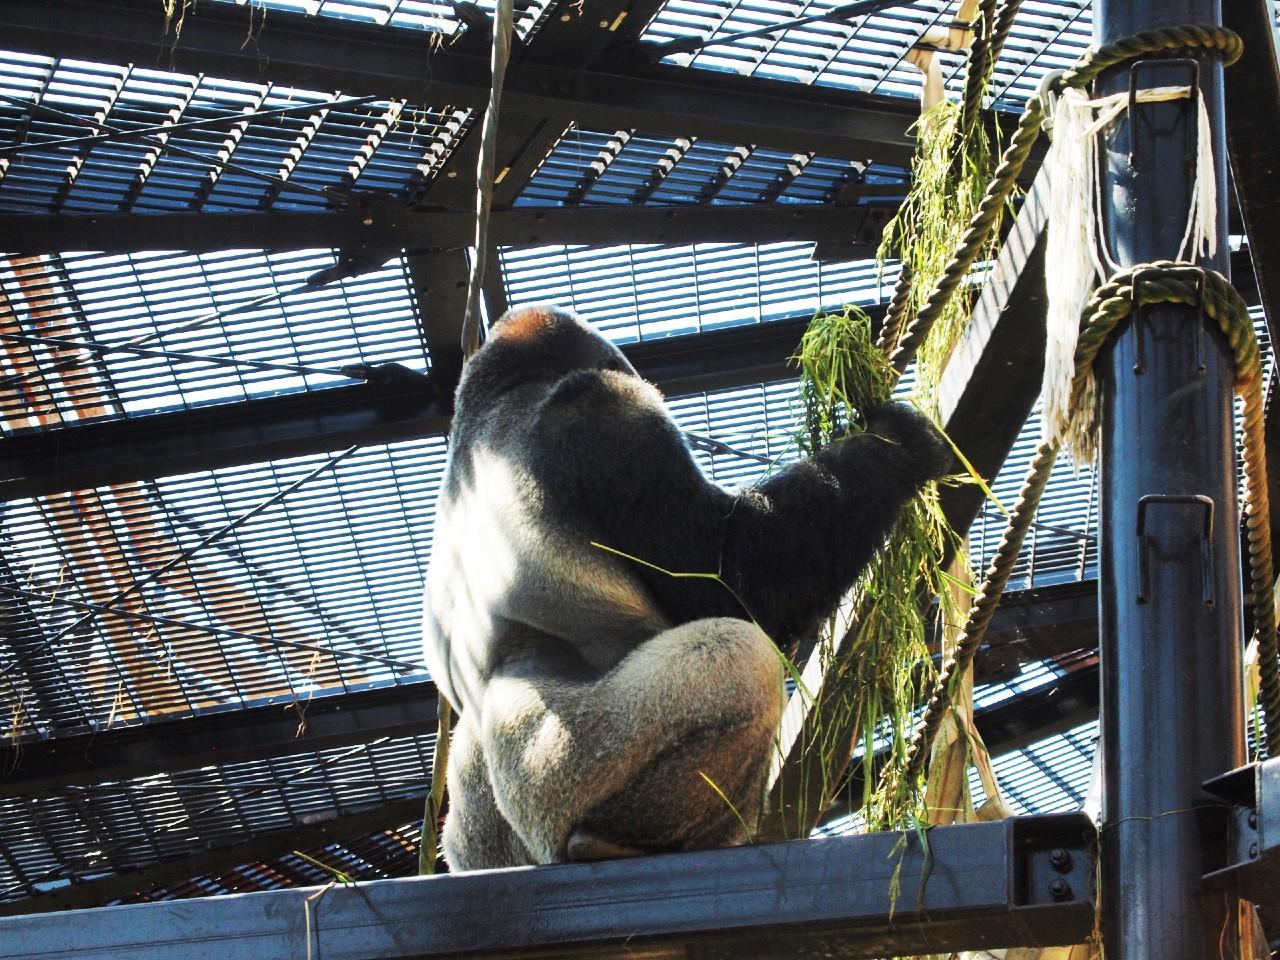 京都市動物園ゴリラのシルバーバック